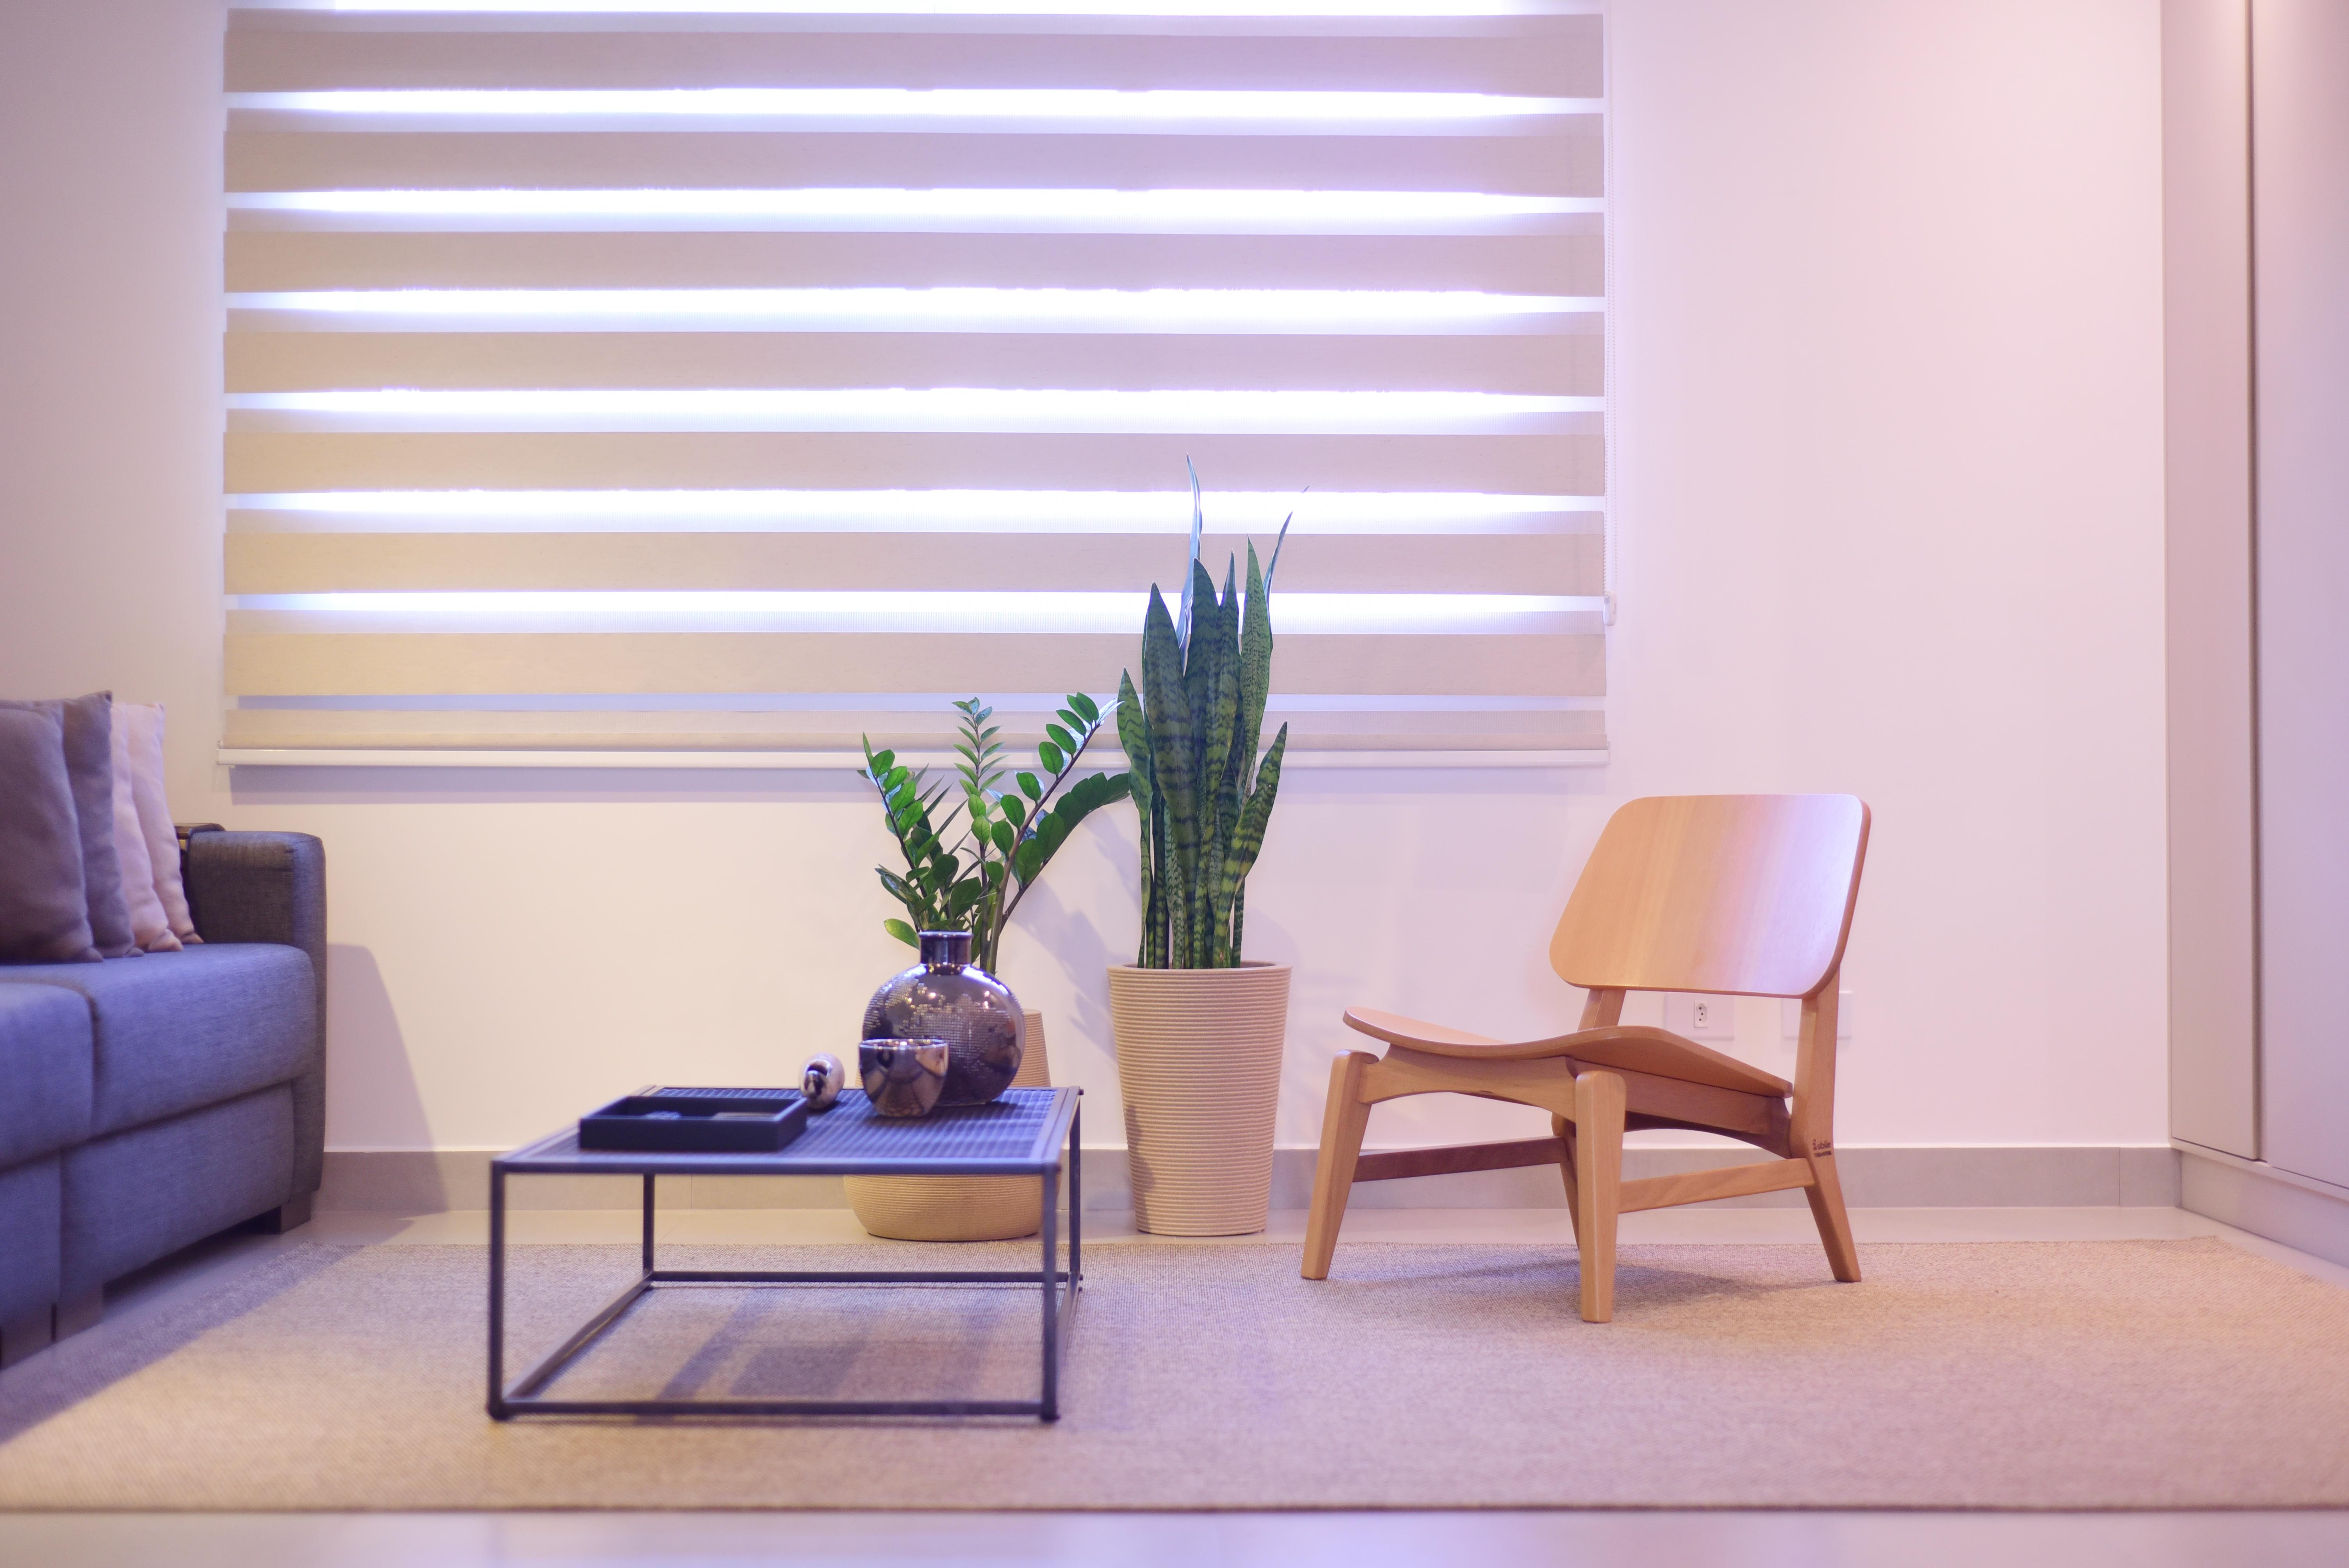 Projeto de design para reforma de apartamento moderno em Curitiba - Estudio Murilo Zadulski Interiores - Projeto sala de estar moderna minimalista 03